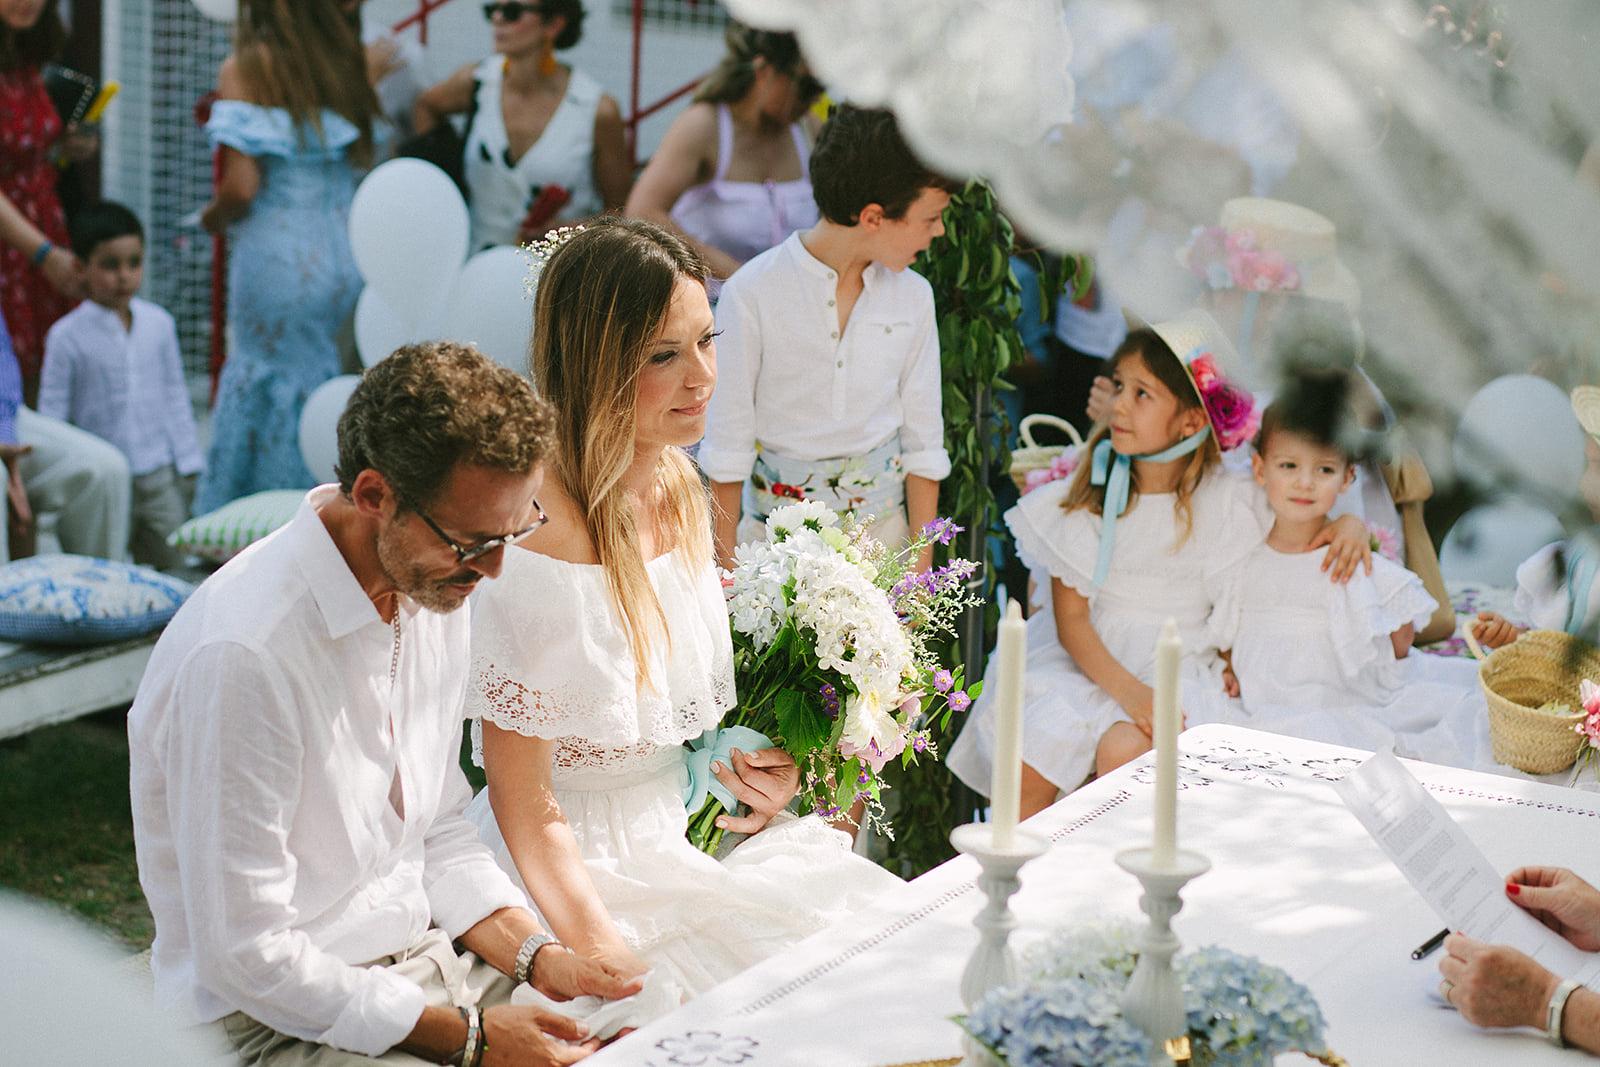 Casamento-Joana-Philippe-359.jpg